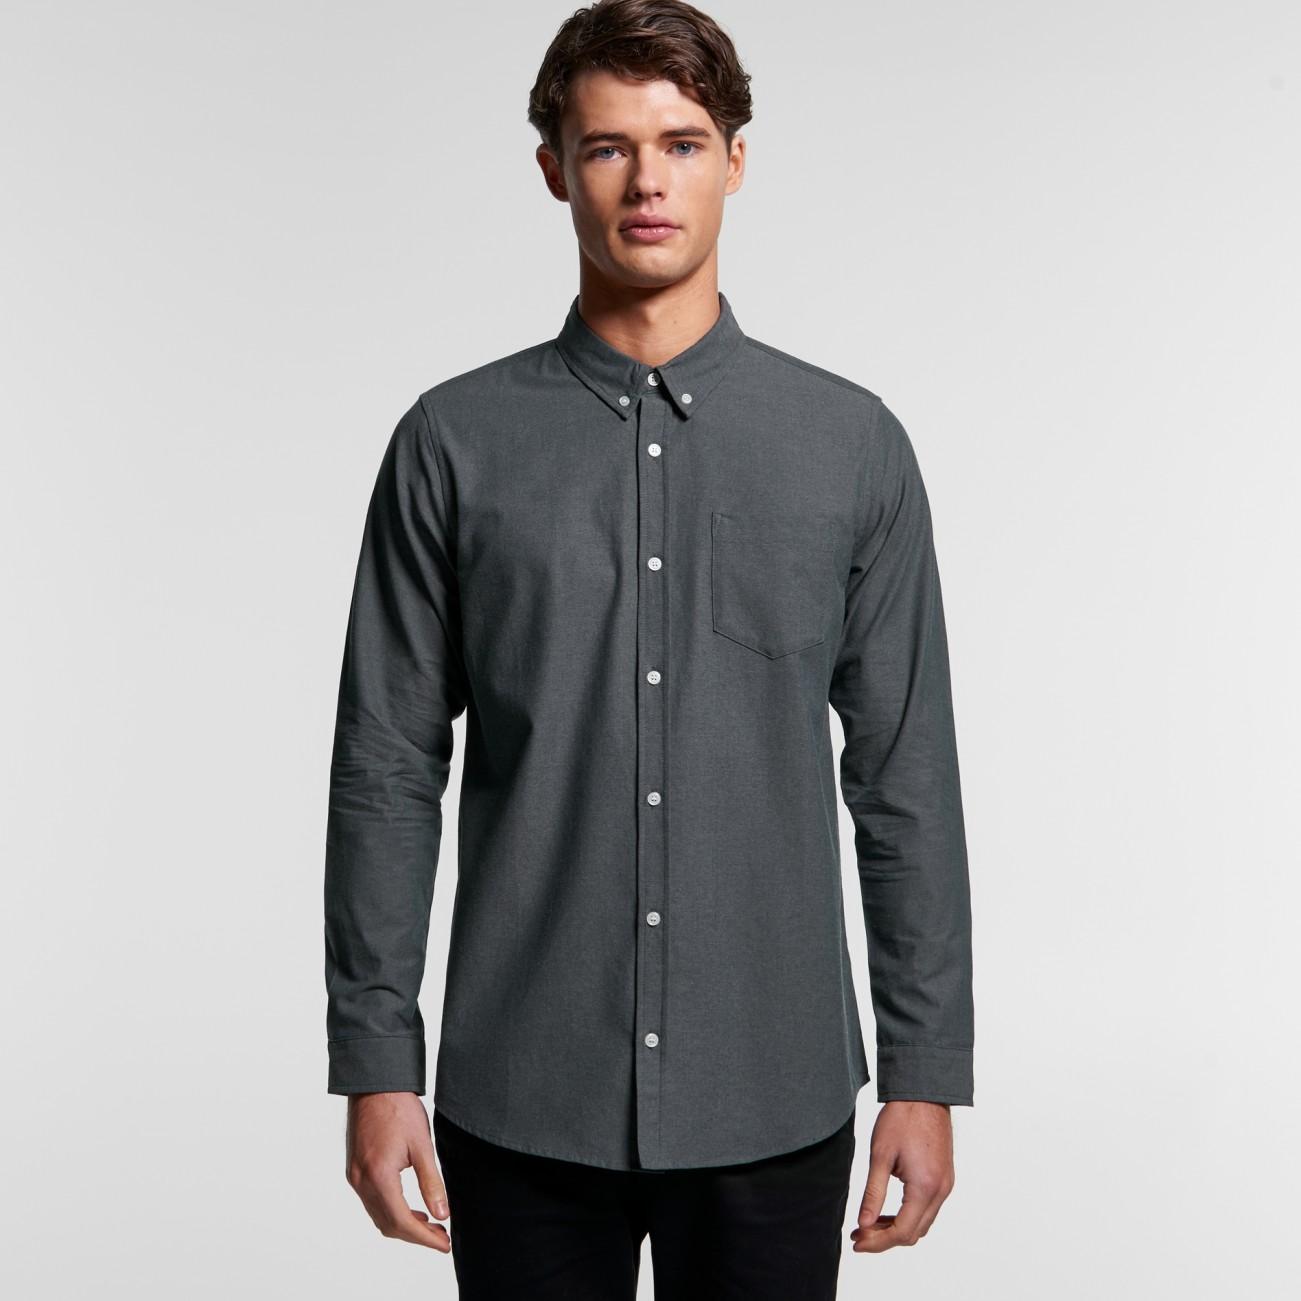 5415_chambray_shirt_front.jpg